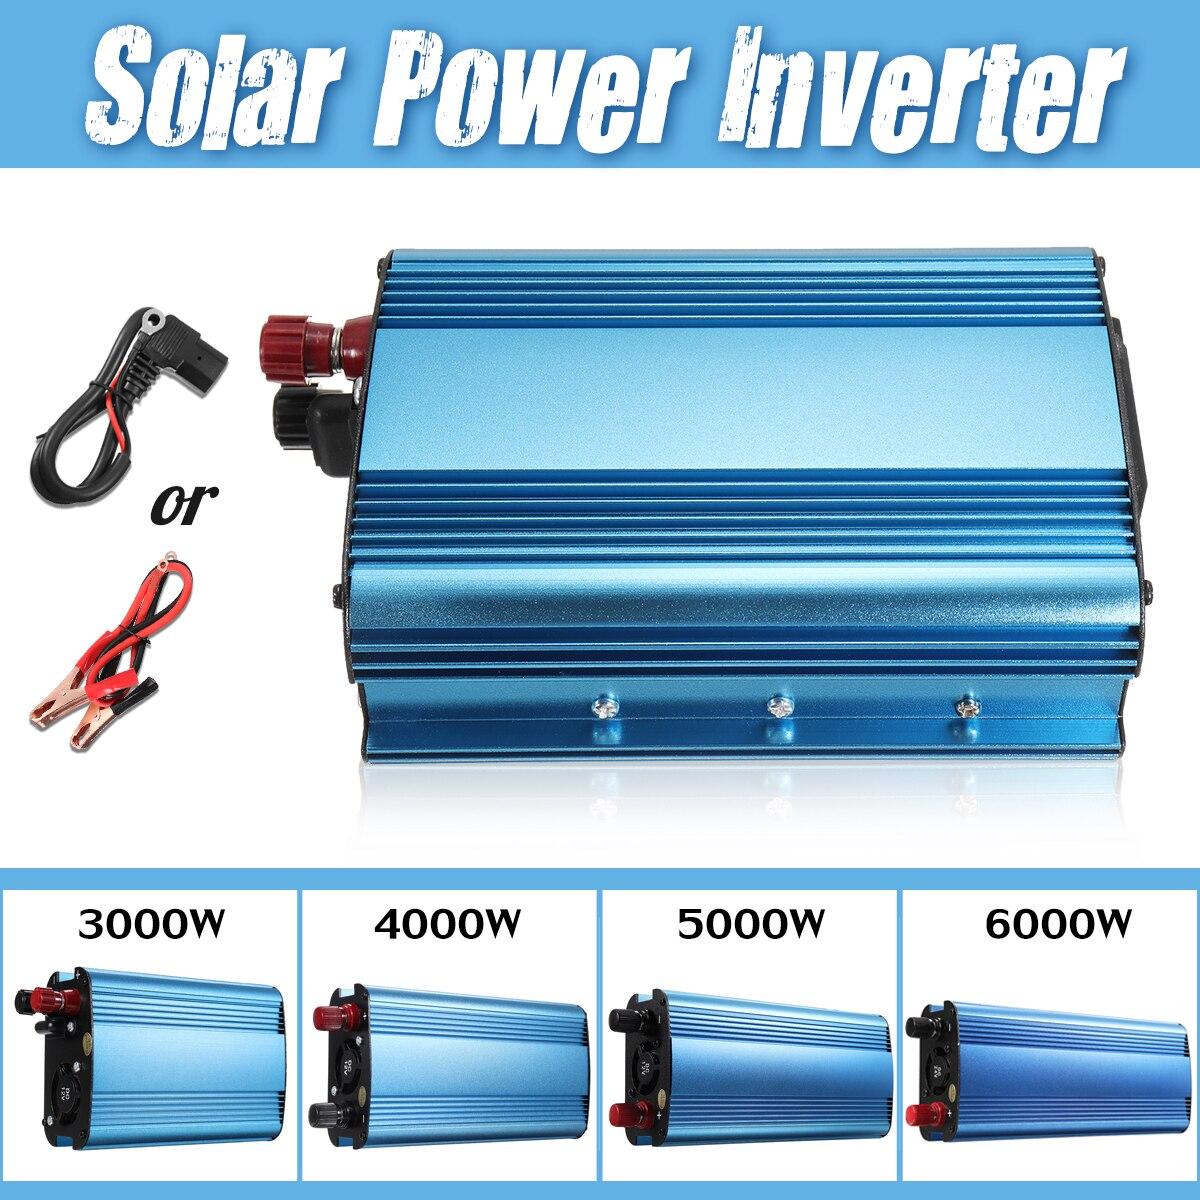 3000W/4000W/5000W/6000W Peak Power Inverter DC 12V/24V/48V/60V To AC 220V Sine Wave Car Inverter Voltage Transformer Convertor